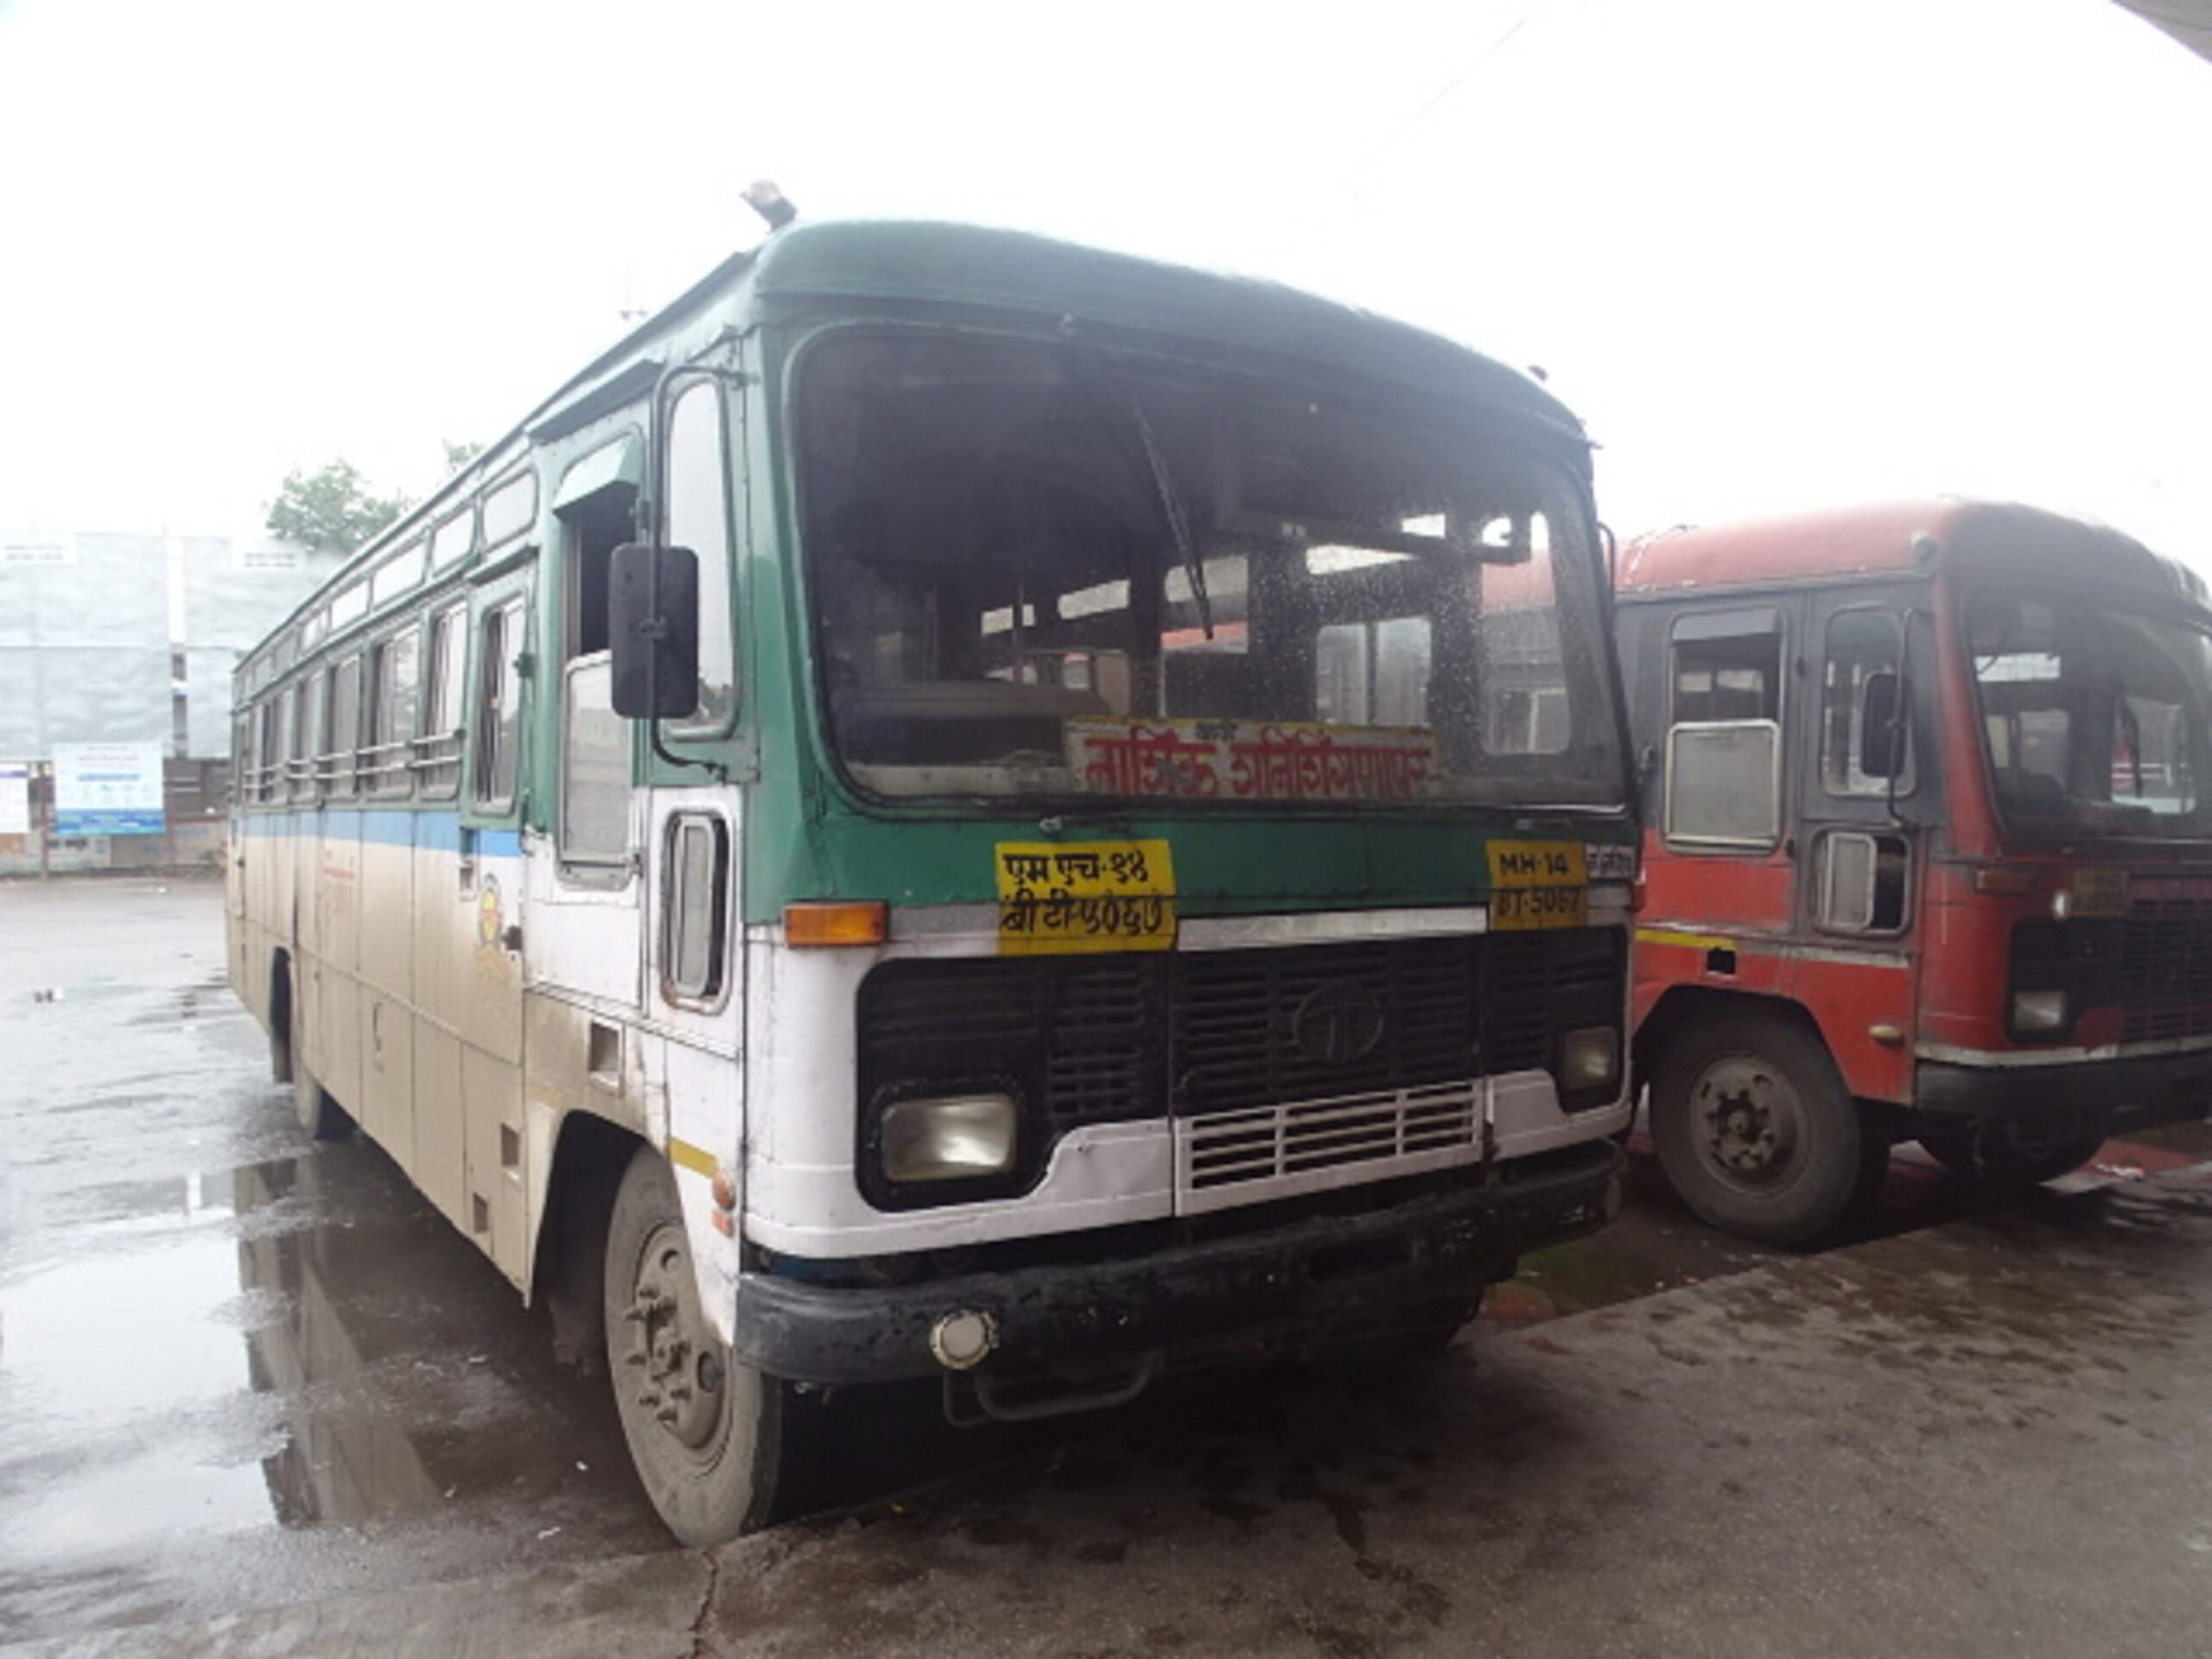 Shirdi to Shani Shingnapur MSRTC Bus, Shirdi Bus Depot, Shirdi, Maharashtra